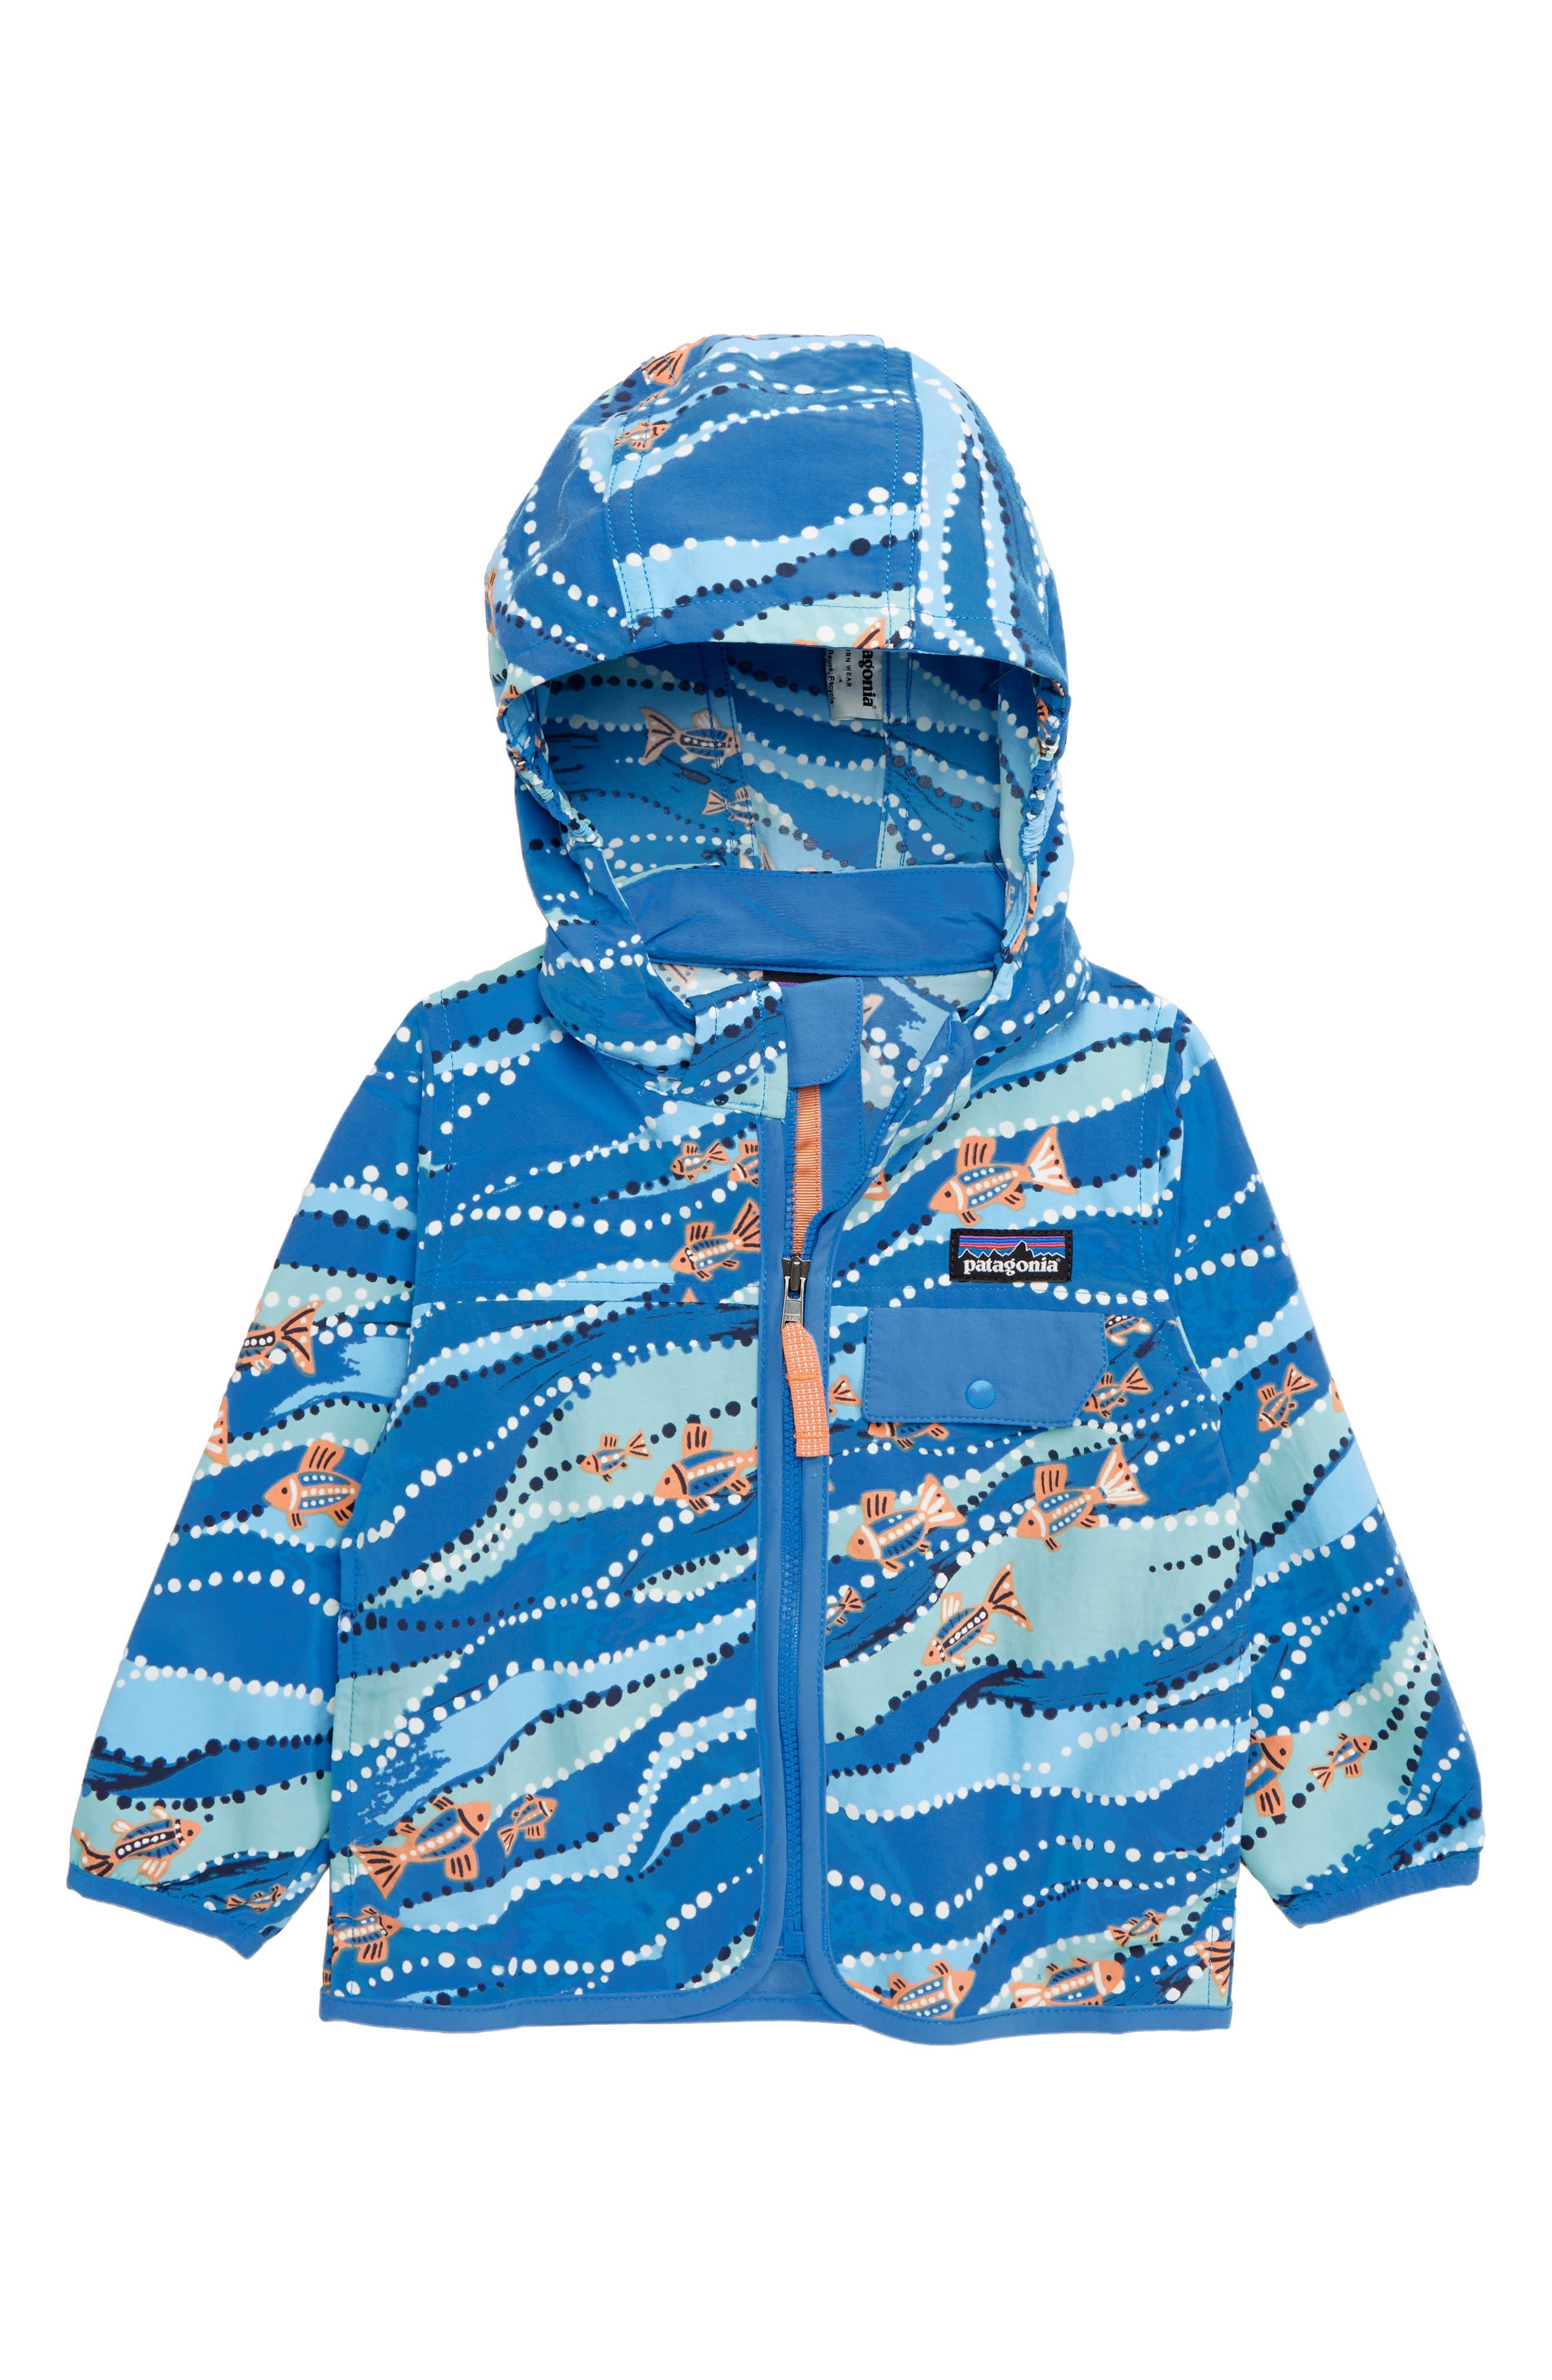 PATAGONIA, Baggies<sup>™</sup> Jacket, Main thumbnail 1, color, BEPO BELL BAY: PORT BLUE